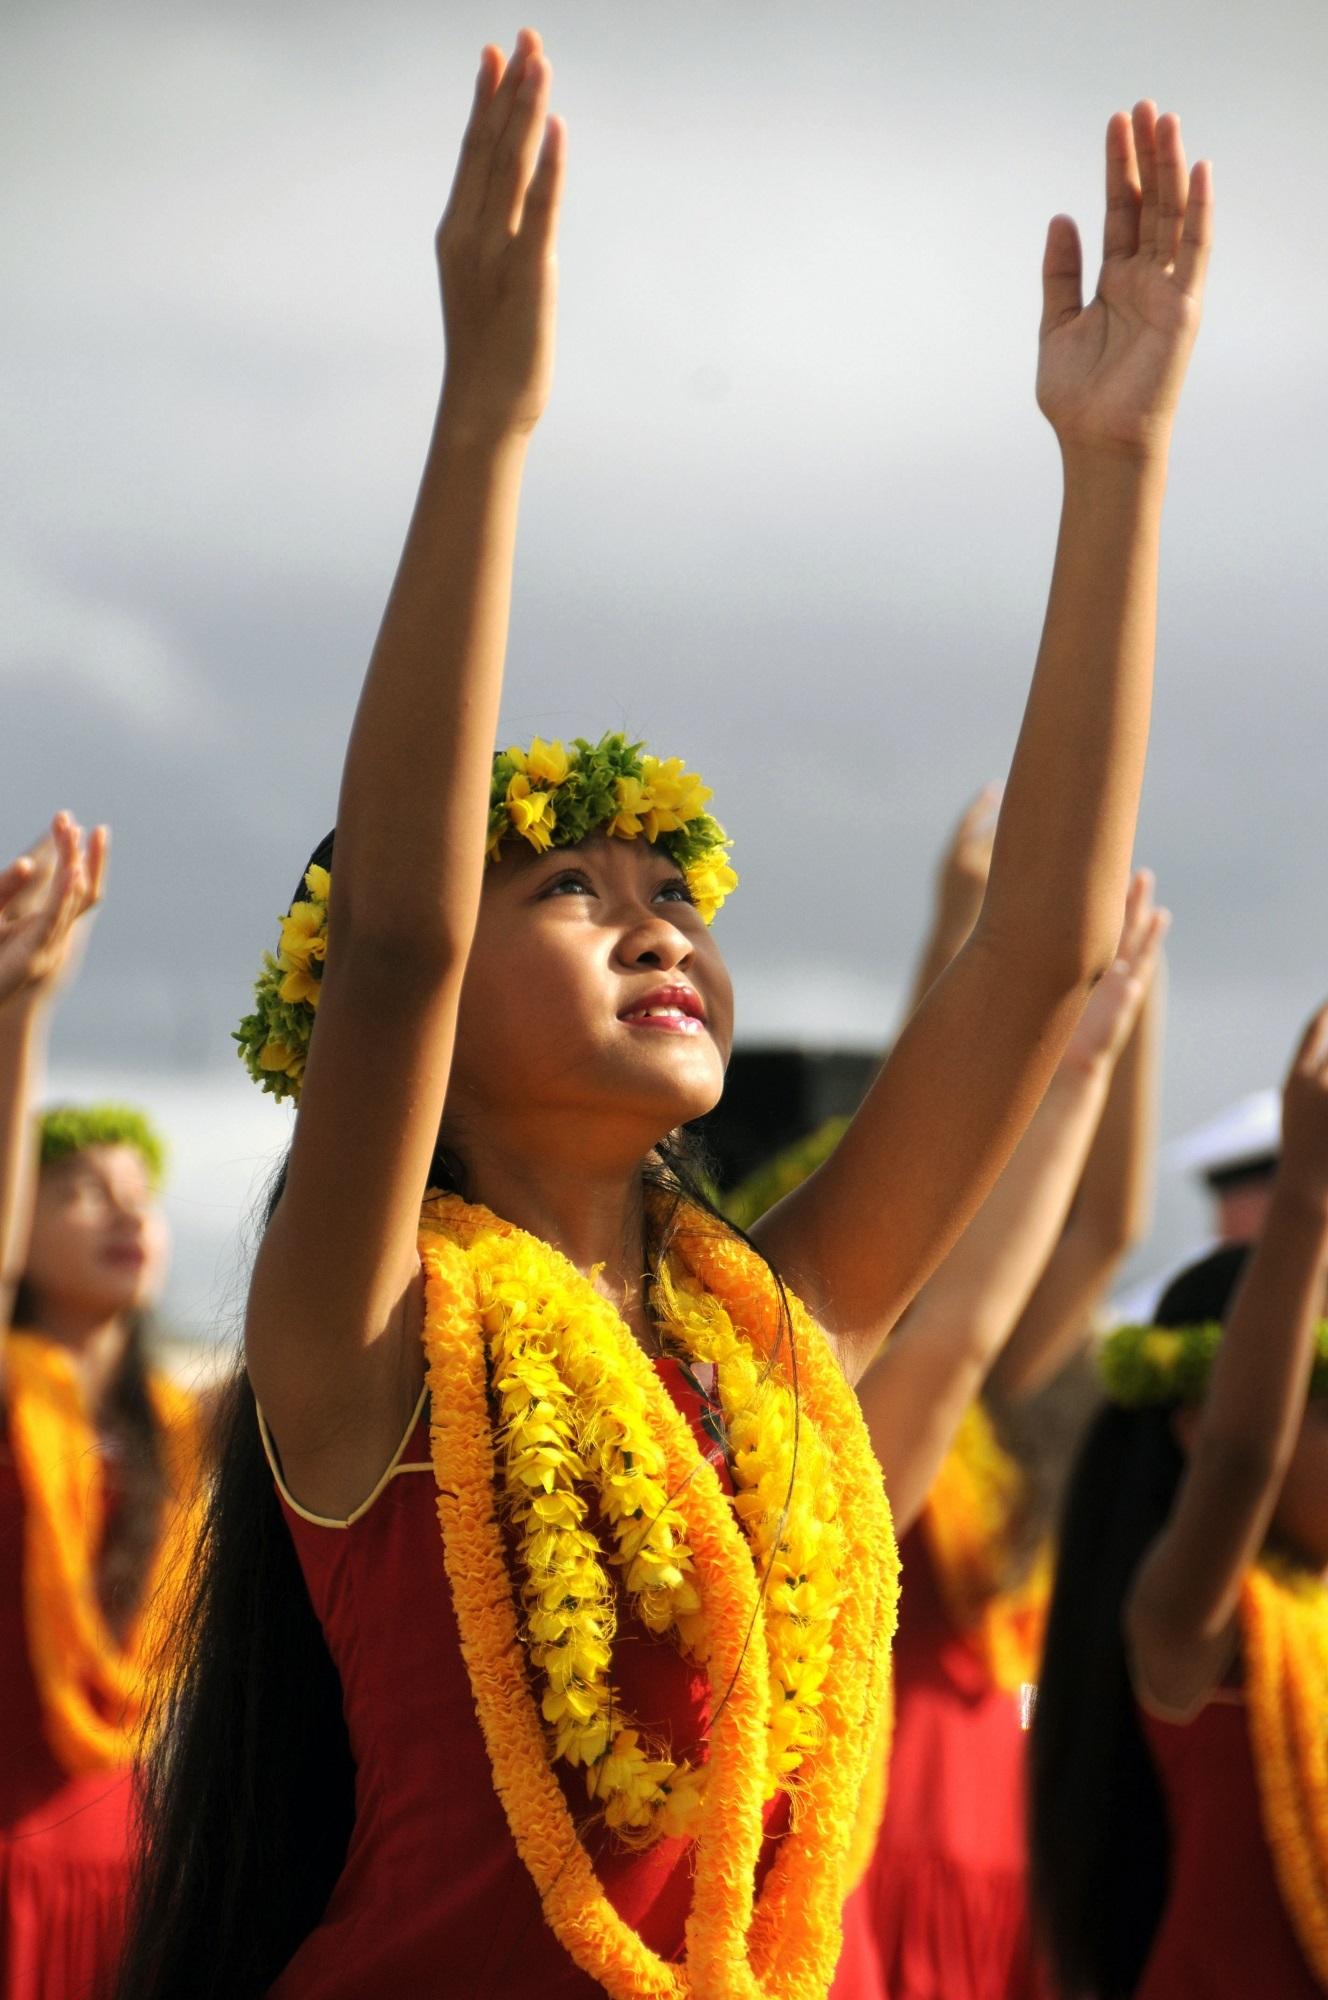 Hawaii dance photo